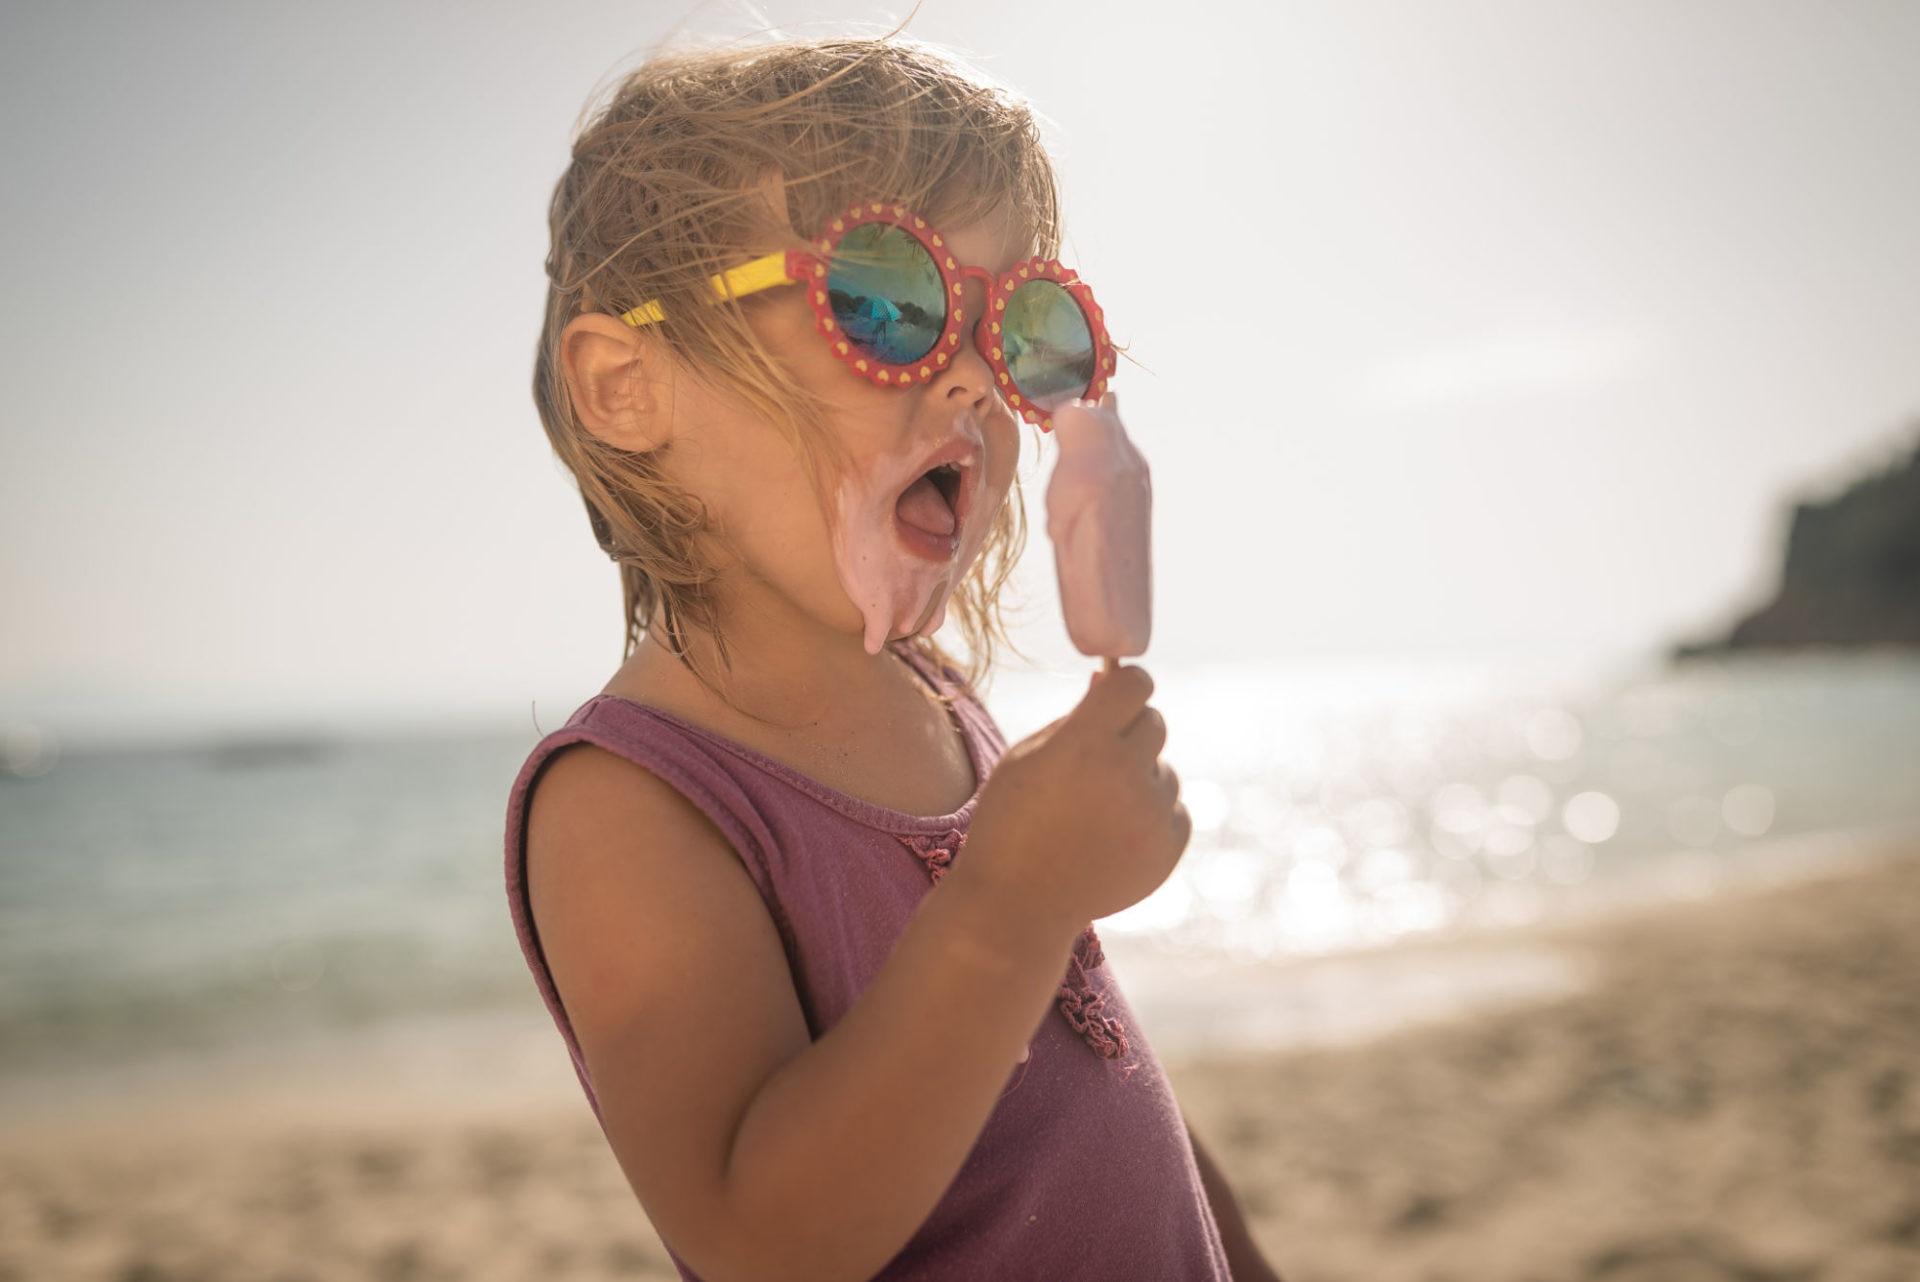 verano-nina-calor-helado-sol-vacaciones-millennial-recurso-bbva